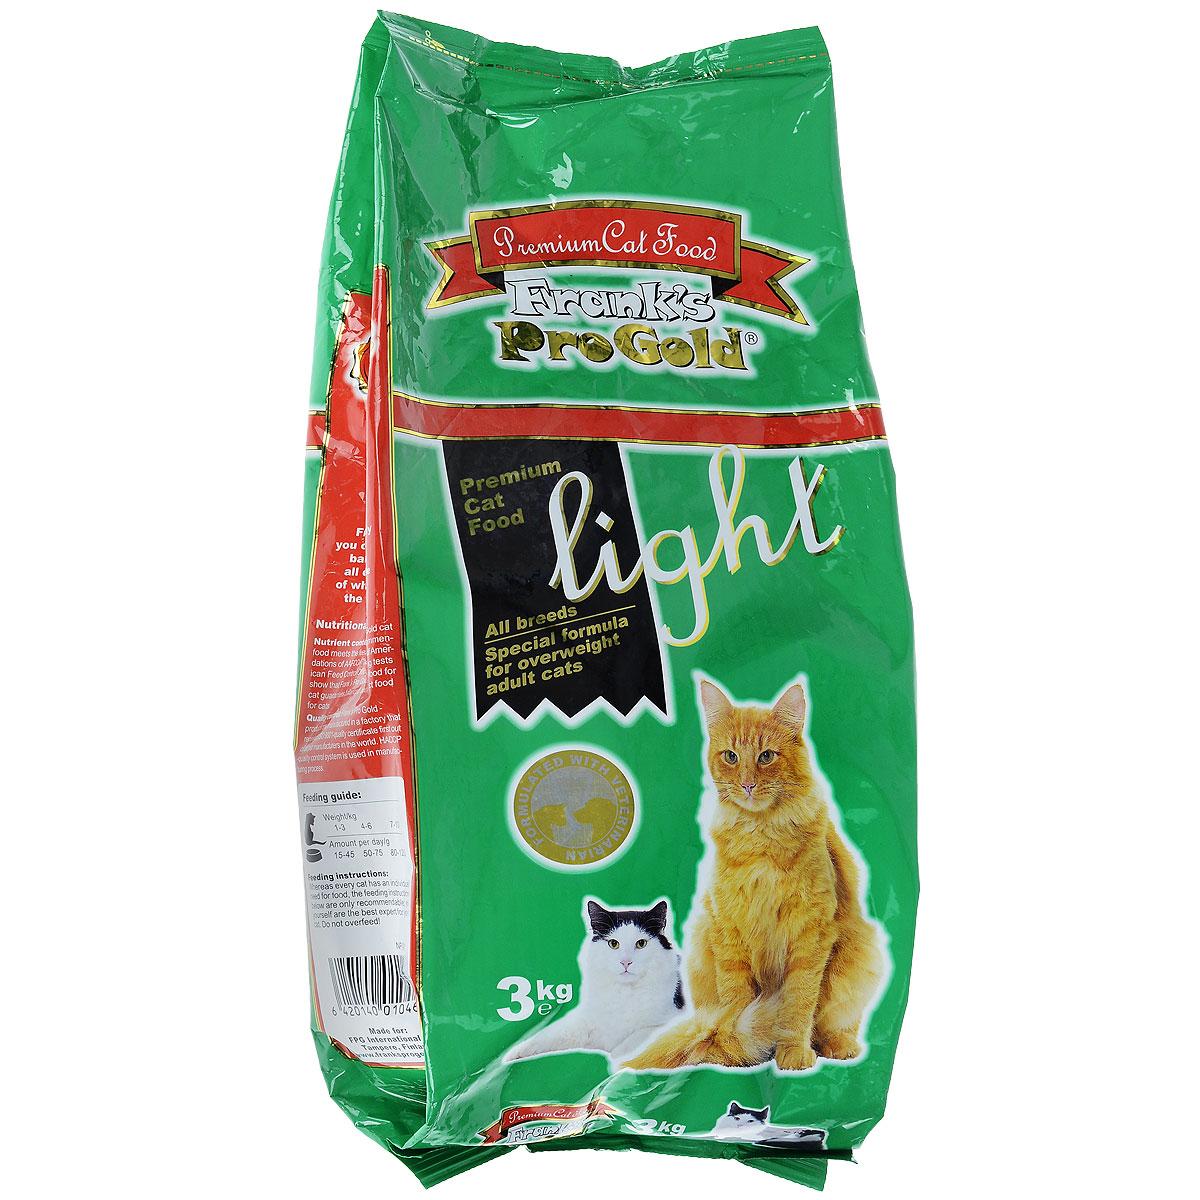 Корм сухой Franks ProGold для кошек, склонных к полноте, с курицей и рисом, 3 кг23293Сухой корм Franks ProGold - это полноценный сбалансированный корм для склонных к полноте кошек, а также после кастрации и стерилизации. Каждая четвертая кошка страдает избыточным весом. Однажды появившийся избыточный вес имеет тенденцию сохраняться и даже увеличиваться. Лишние килограммы могут повредить здоровью вашей кошки. Чтобы вернуть кошке идеальный вес, необходимы разумные ограничения рациона. Состав: мясо курицы, рис, маис, рыбное филе, печень птицы, кукурузная мука, мякоть свеклы, куриный жир, дрожжи, рыбий жир, минералы и витамины, фруктоолигосахариды (минимум 0,5%), лецитин, холинхлорид, витамин U, витамин С. Пищевая ценность: белки 29,0%, жиры 12,0%, клетчатка 2,5%, зола 6,5%, влажность 8,0%, фосфор 0,9%, кальций 1,0%, натрий 0,4%, магний 0,08%. Калорийность: 3505 ккал/кг. Товар сертефицирован.